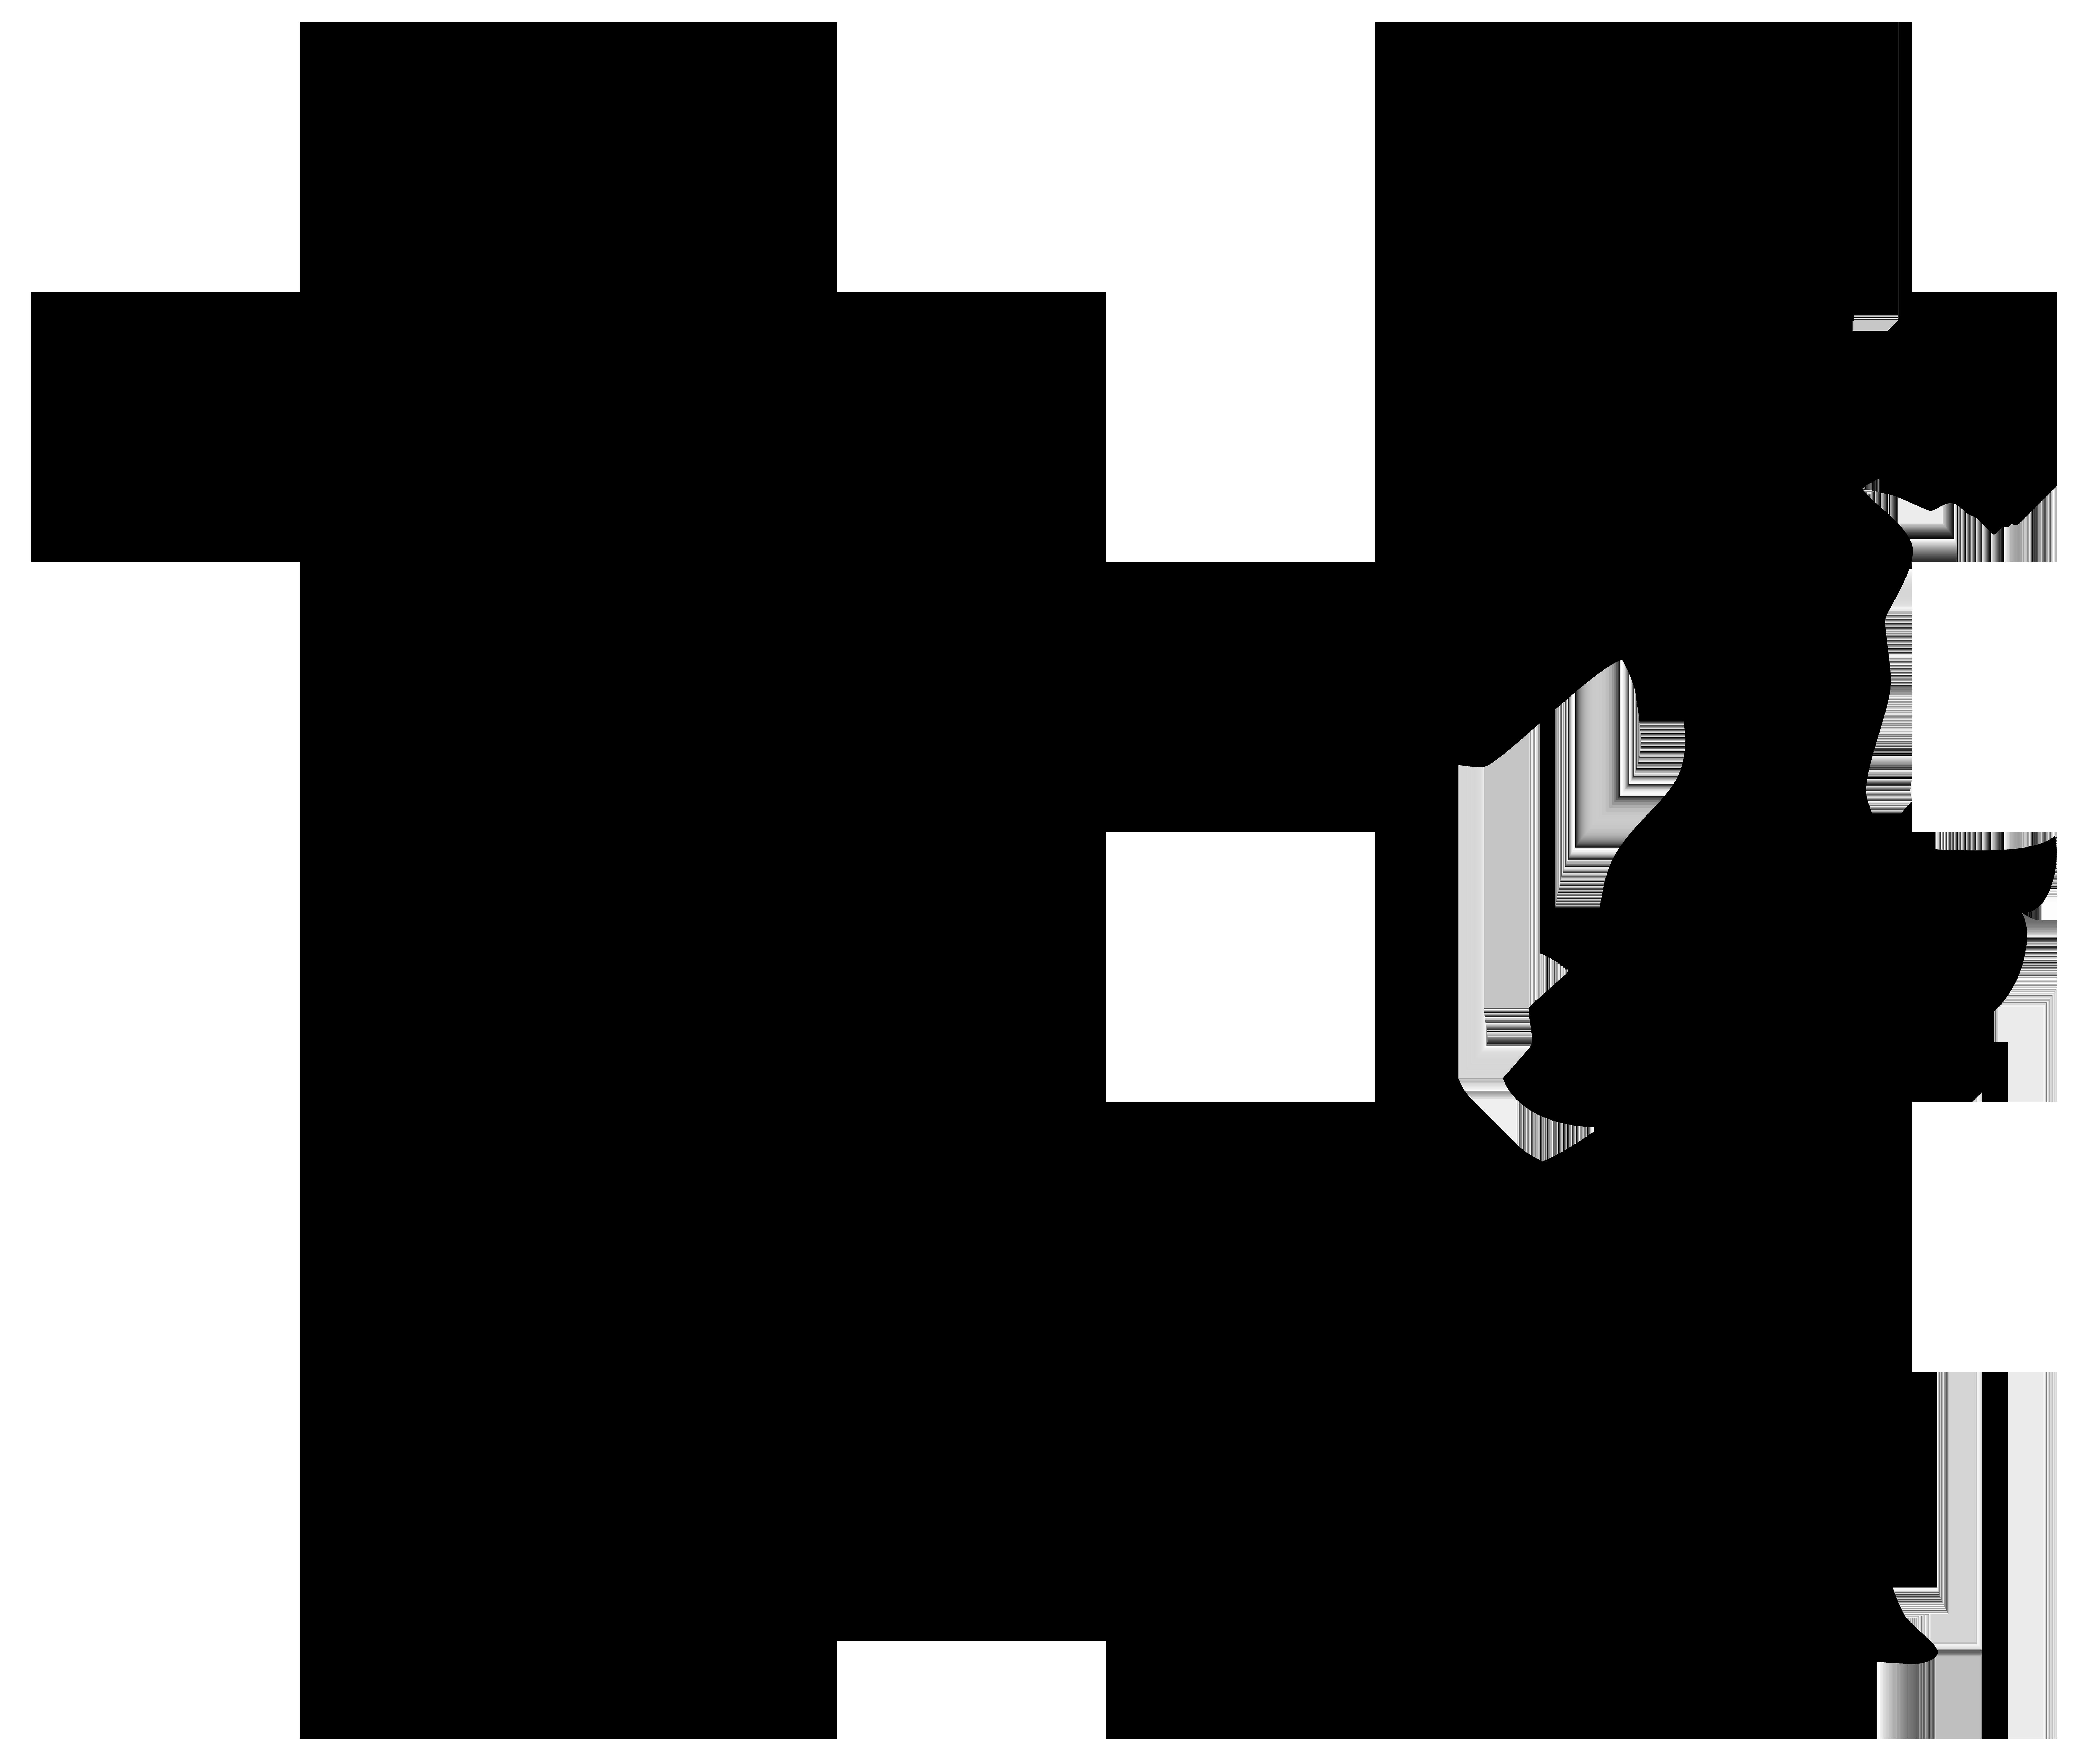 8000x6715 Dancing Couple Silhouette Png Transparent Clip Art Image